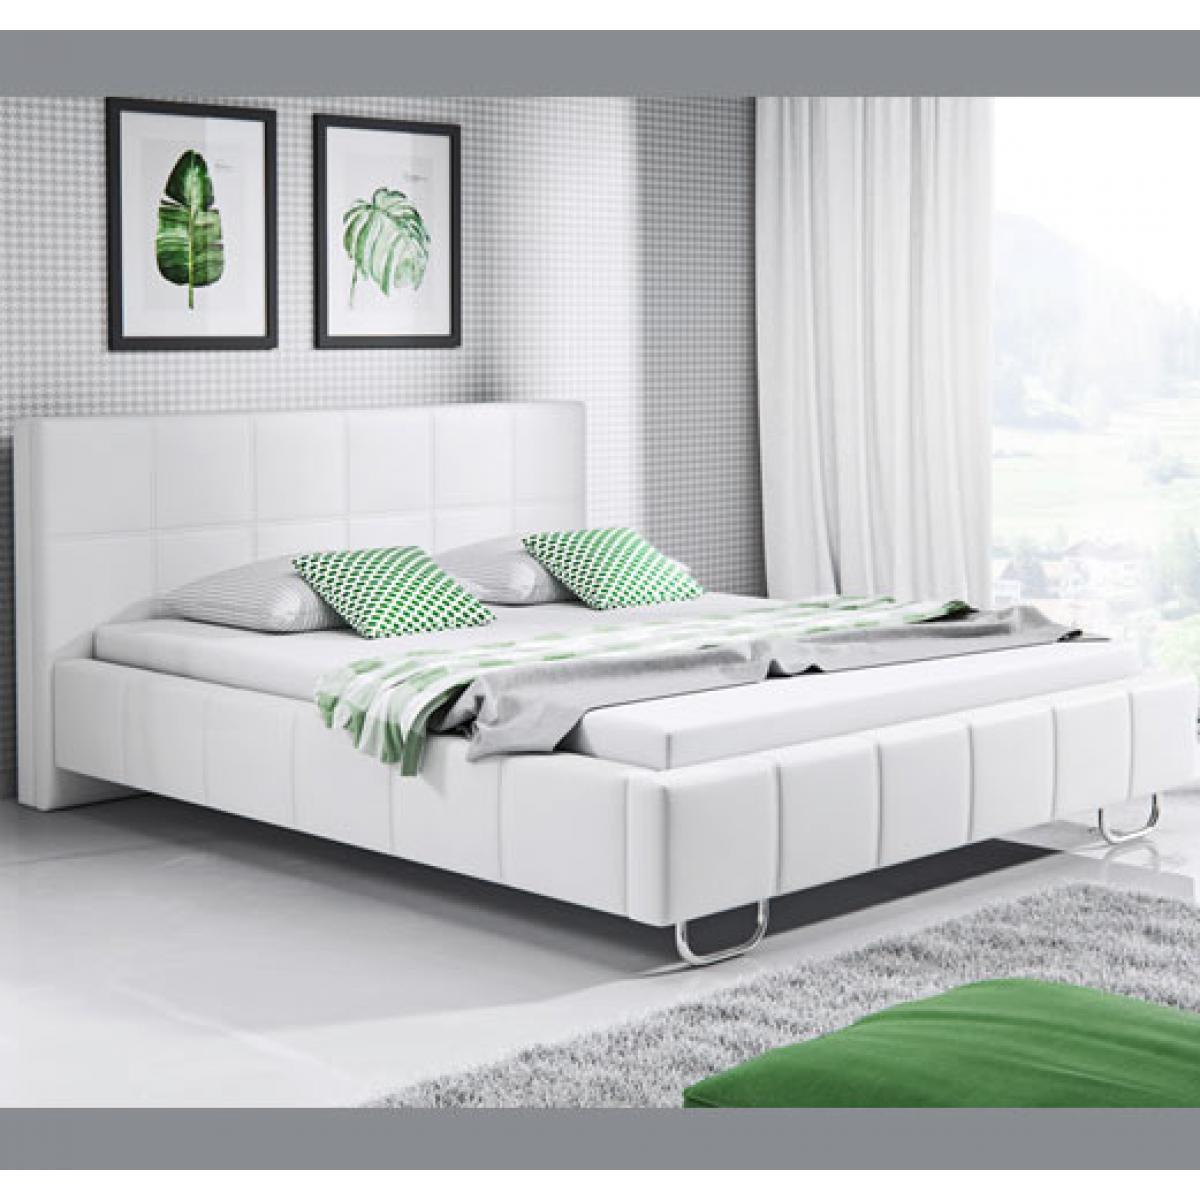 Design Ameublement Lit design Sofía ? blanc (135x190cm)